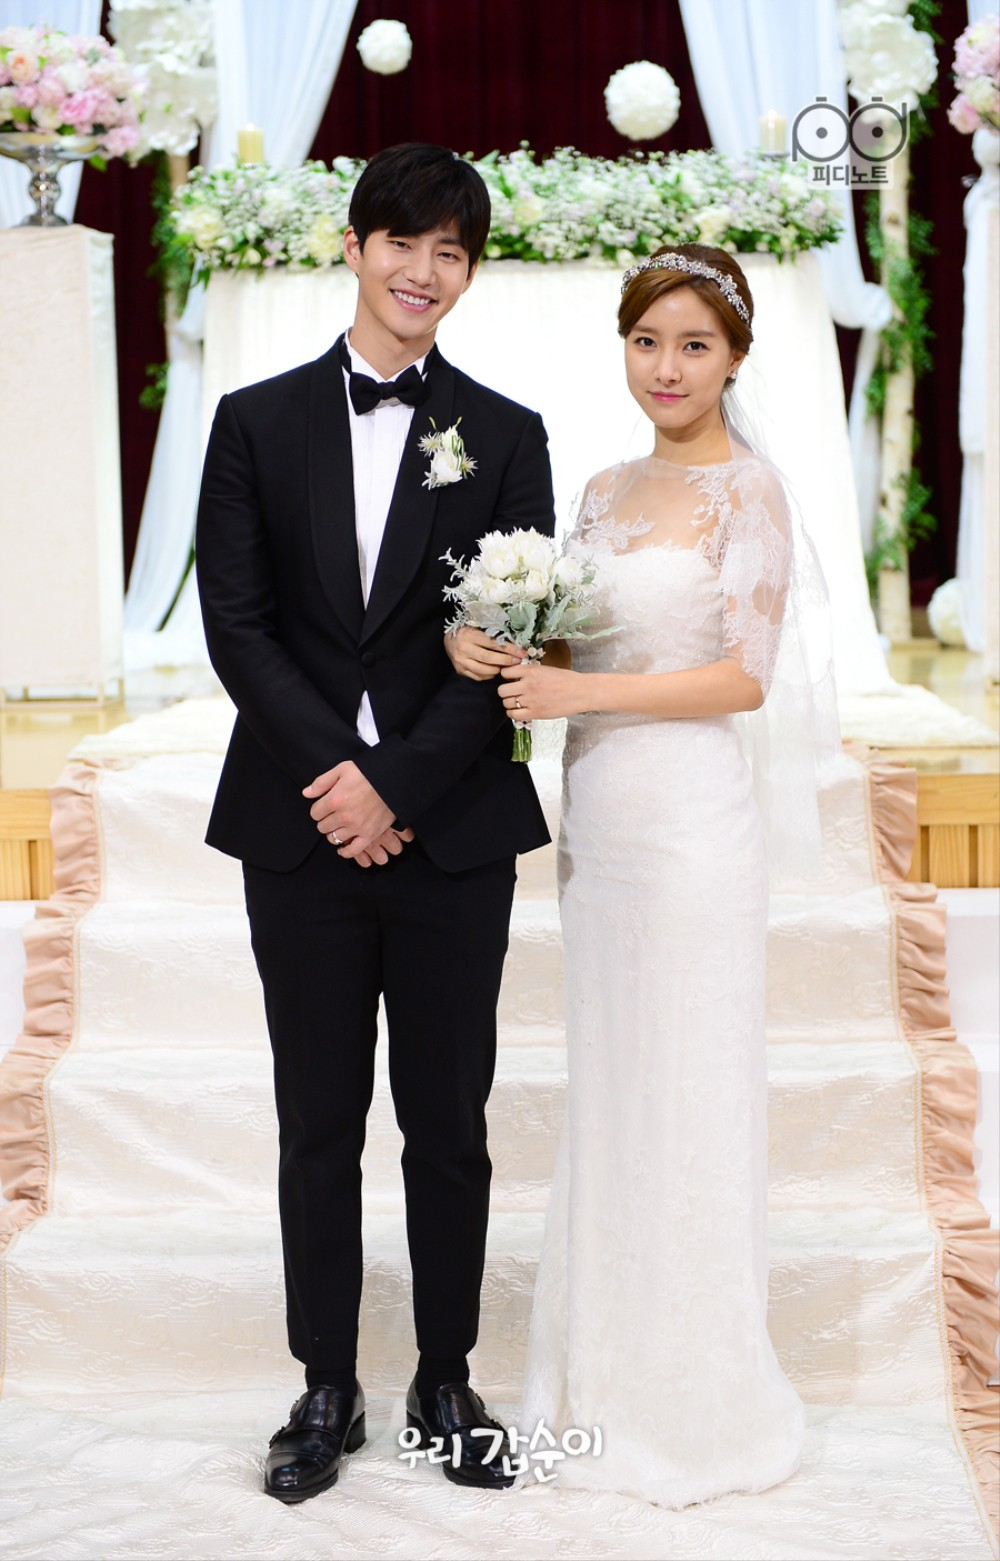 Hóa ra nàng cháo Kim So Eun và chồng hờ đã cho fan ăn một quả dưa bở như thế này! - Ảnh 6.